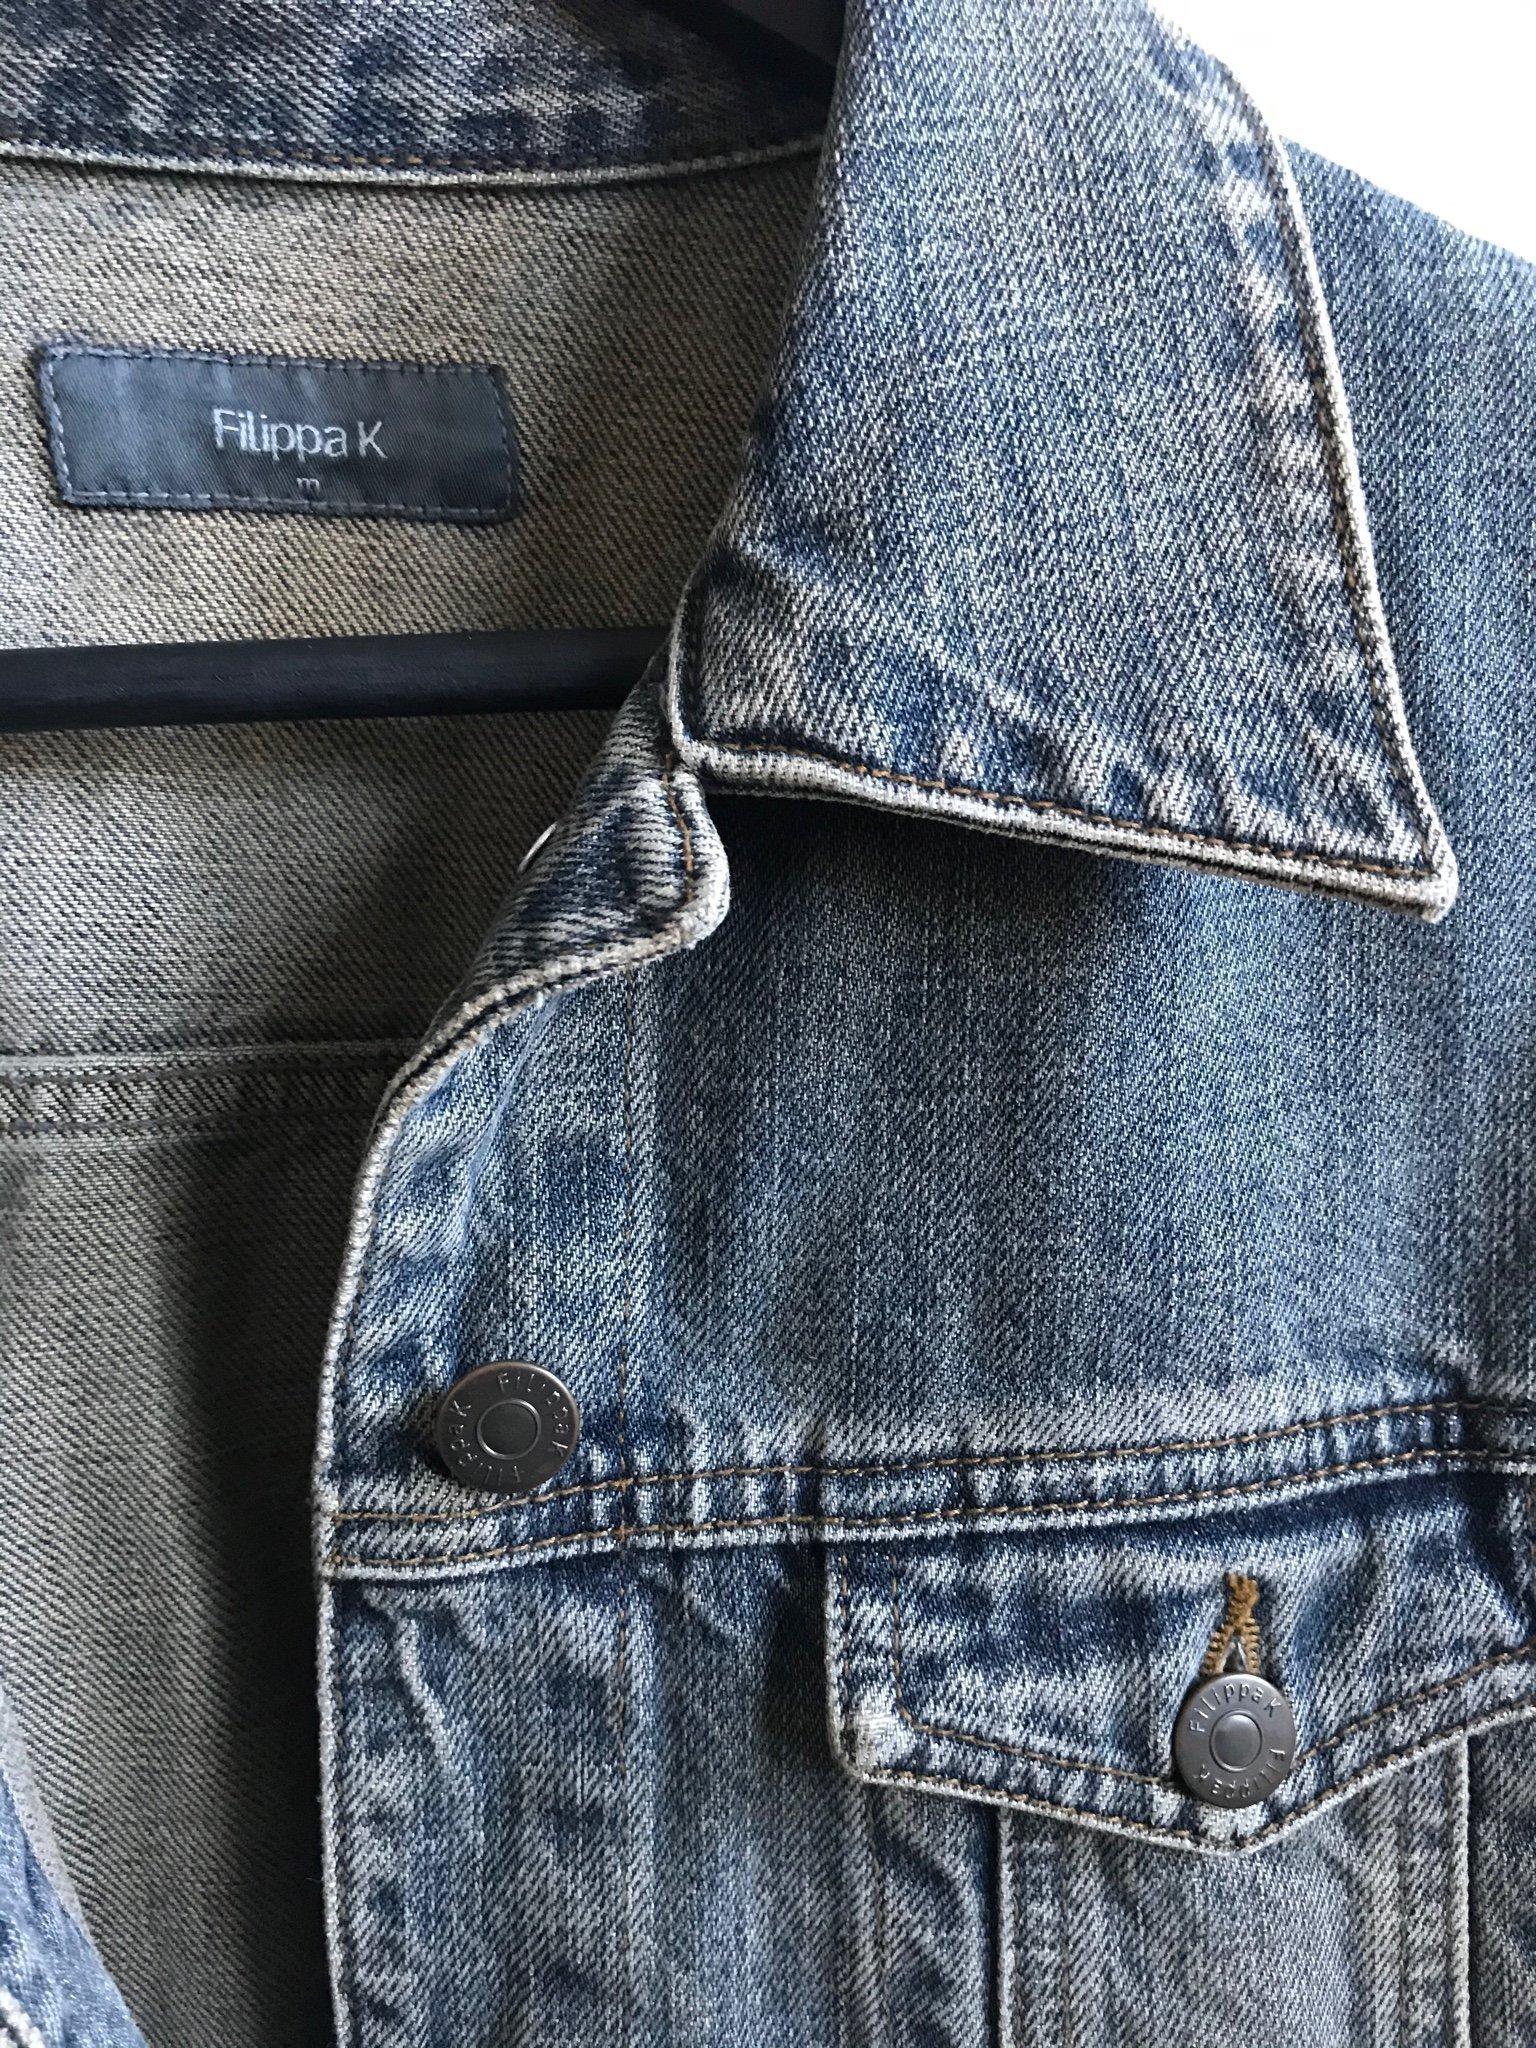 Filippa K jeansjacka, dam, Strl M. (394211224) ᐈ Köp på Tradera